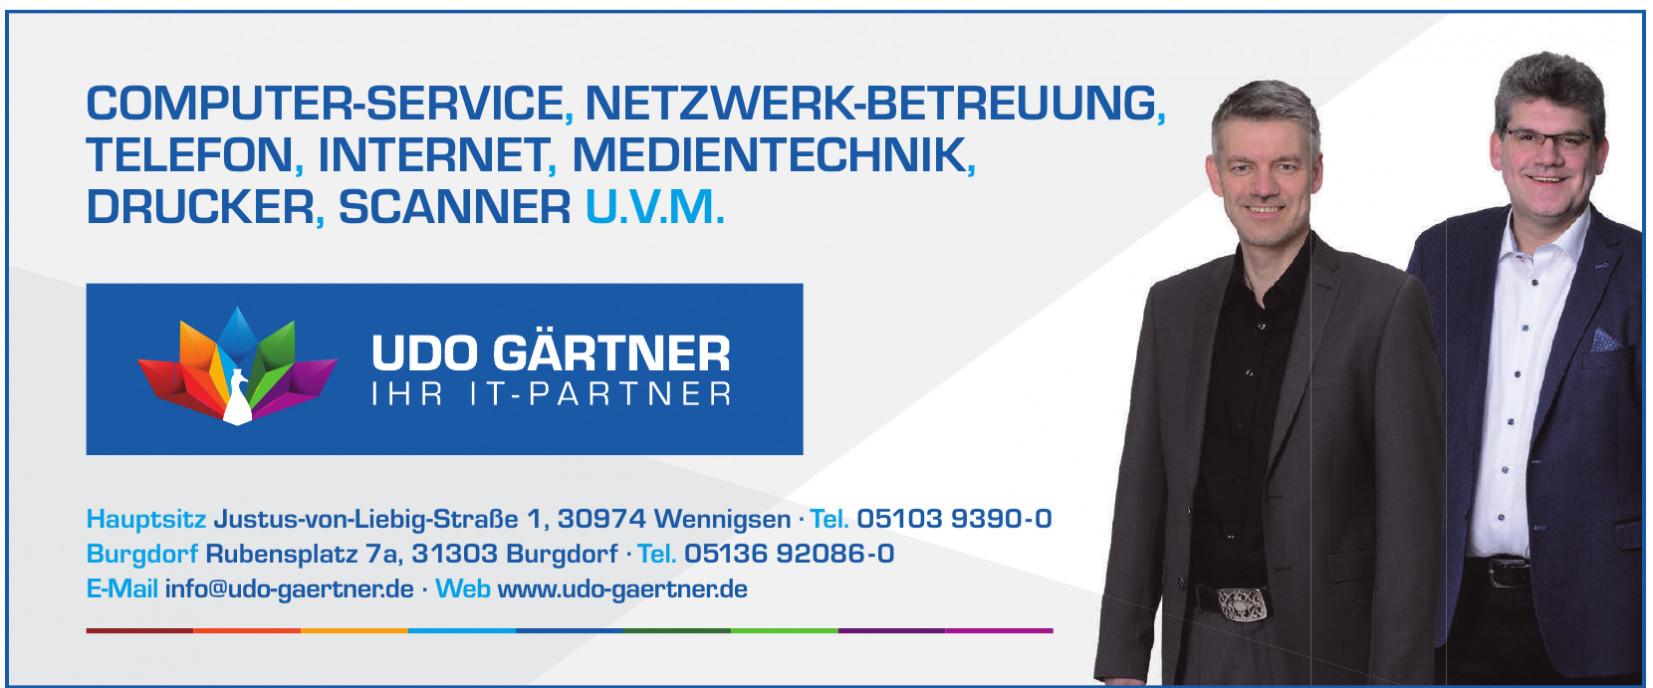 Udo Gärtner GmbH - Ihr IT-Partner